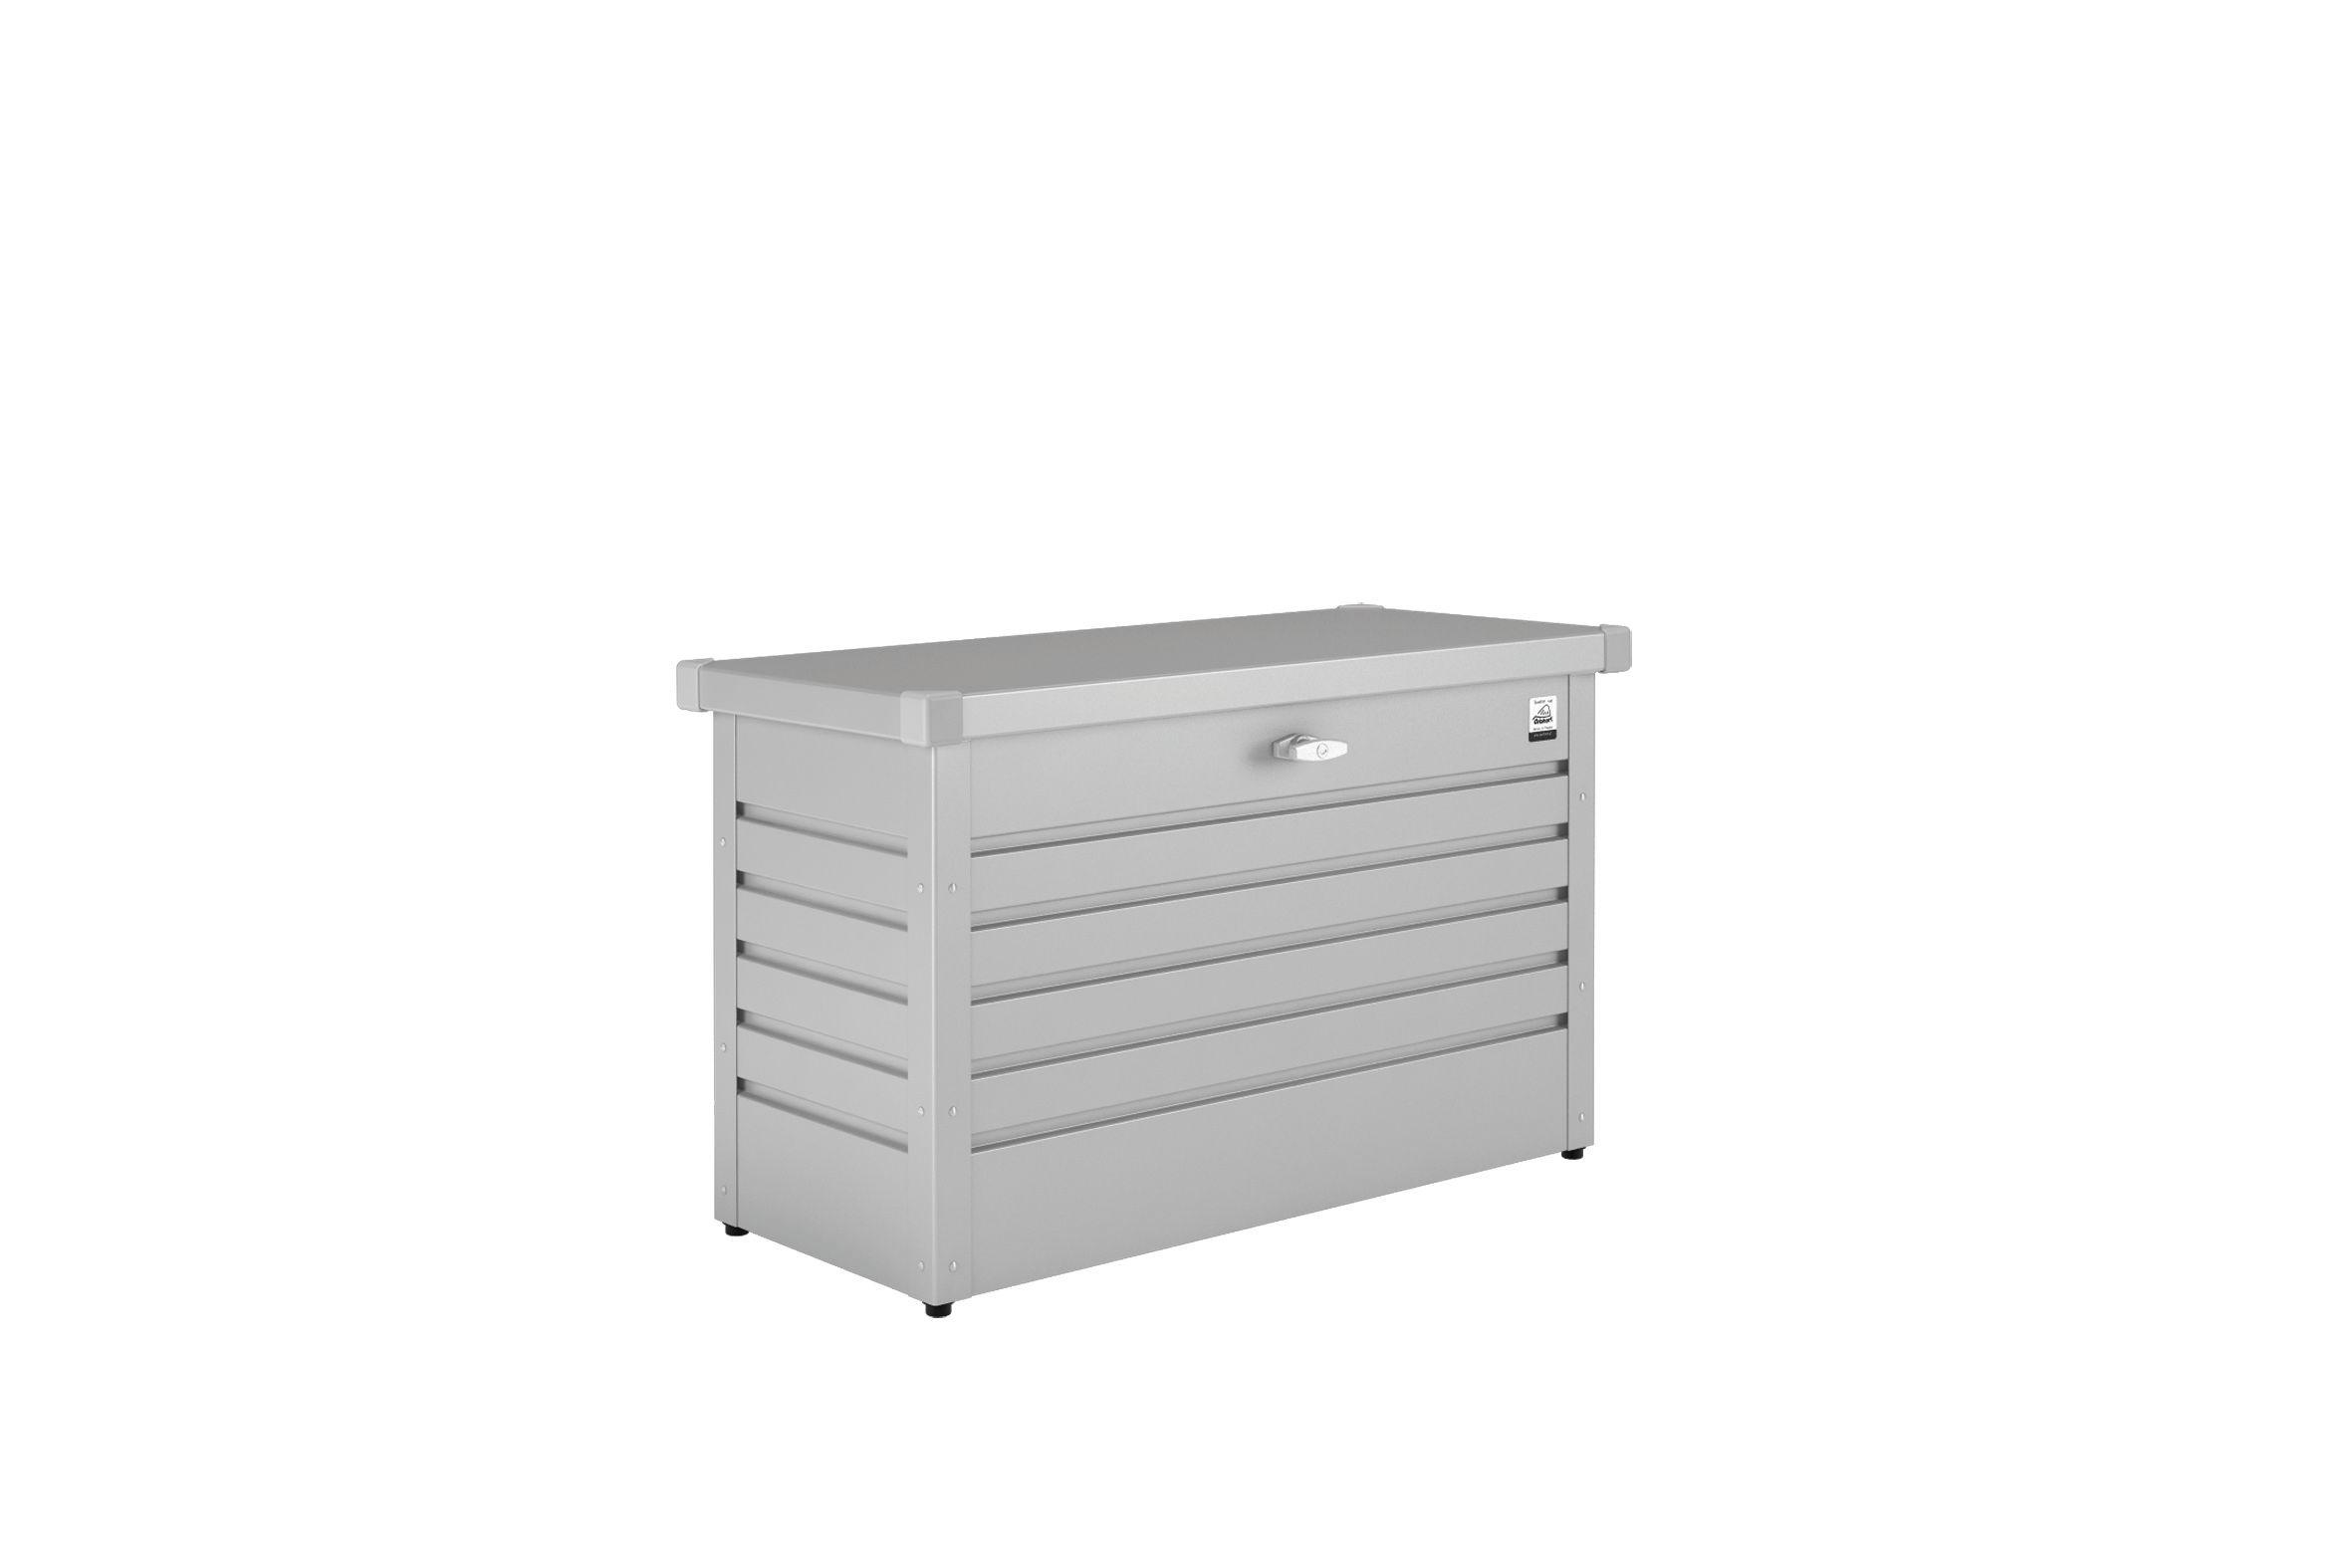 aufbewahrungsbox f r auflagen kissenbox aufbewahrungsbox auflagen truhe gold braun rattan. Black Bedroom Furniture Sets. Home Design Ideas